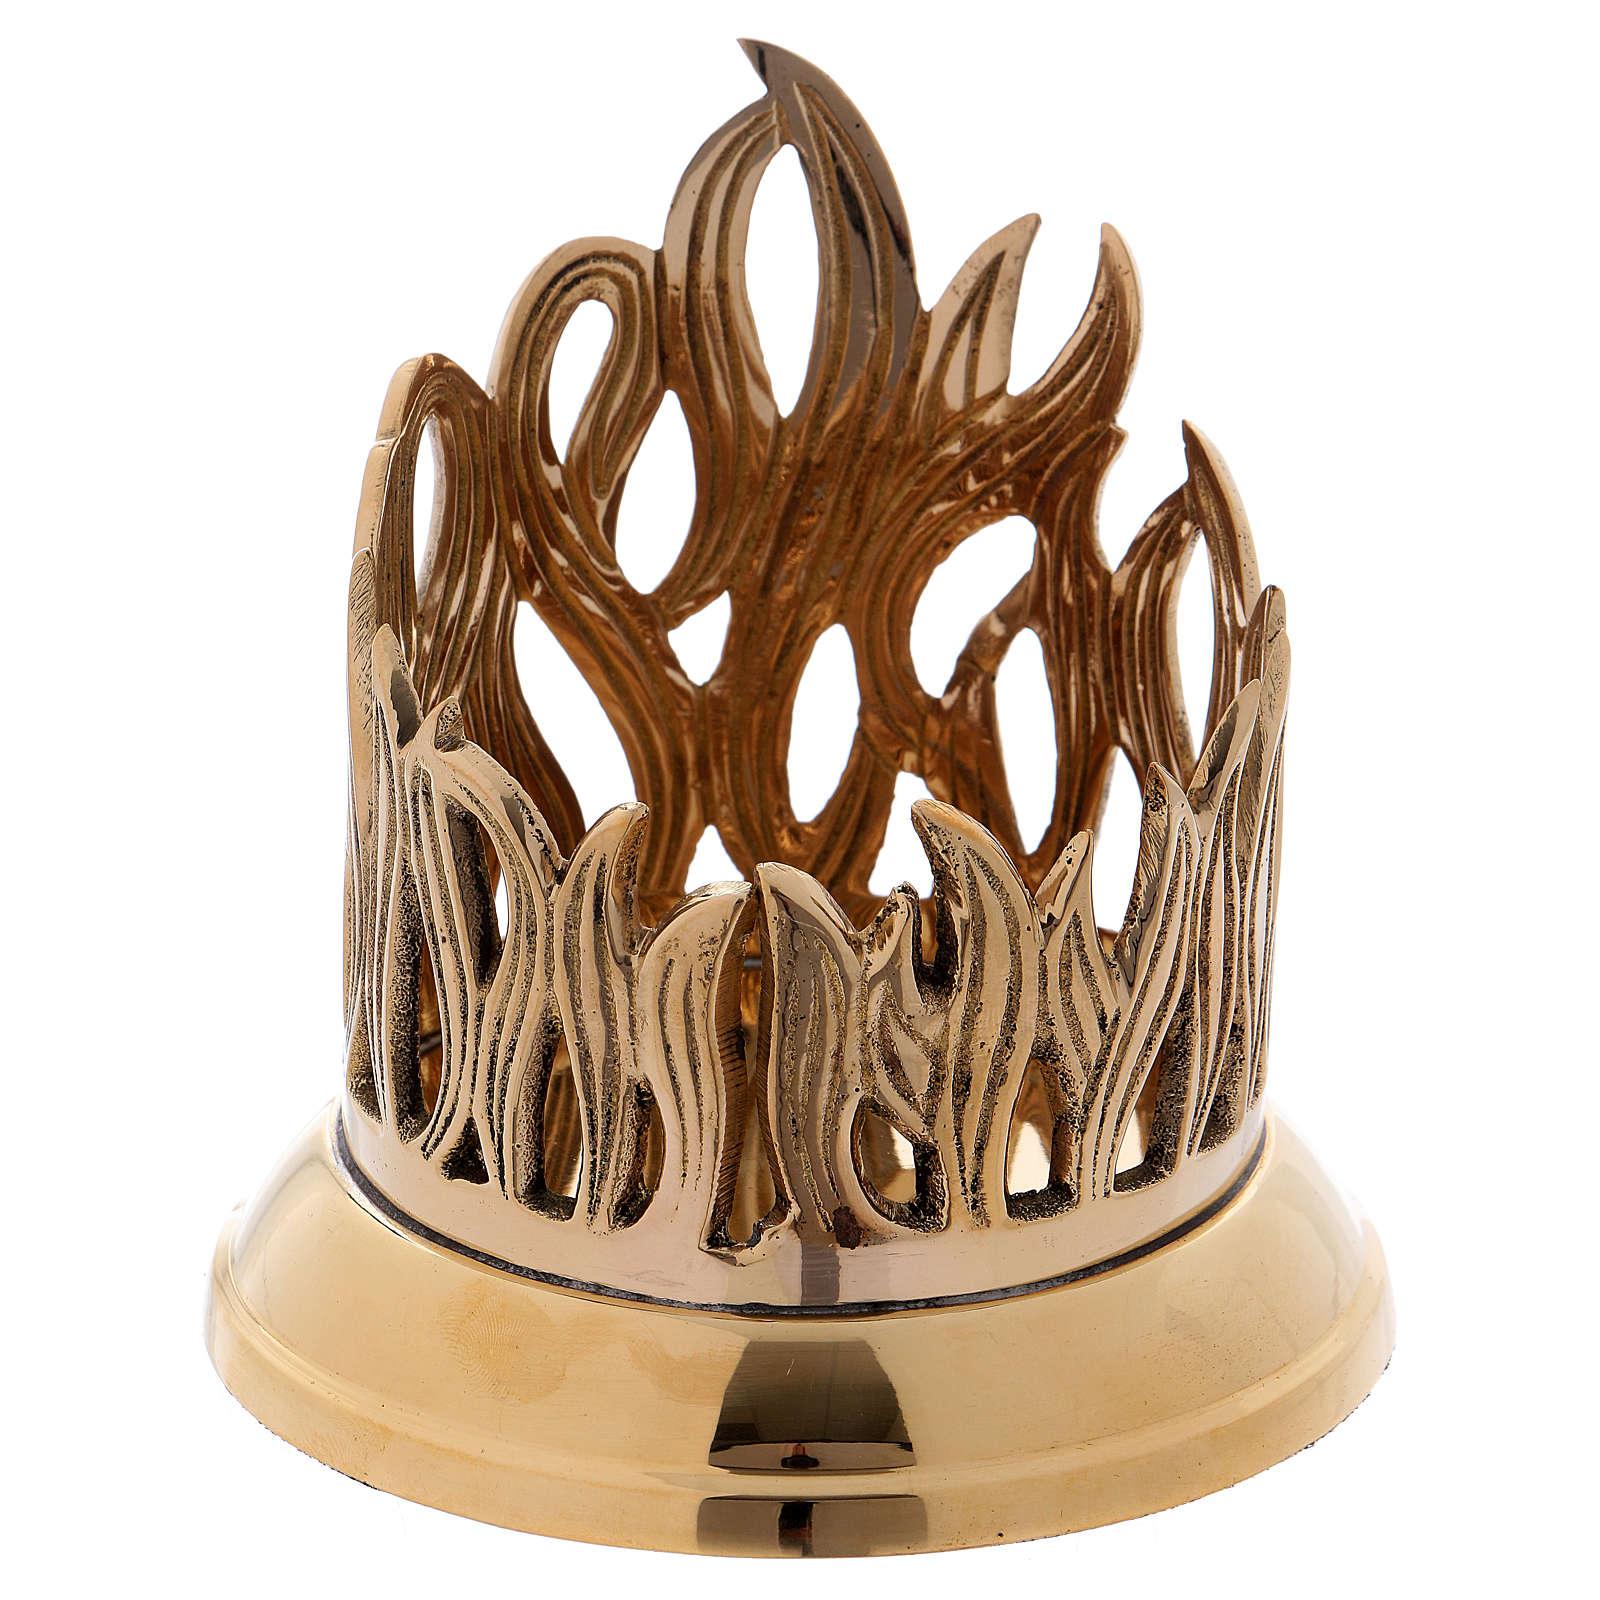 Podstawka świecy z mosiądzu pozłacana podstawa polerowana dekoracja w kształcie płomienia 9 cm 4